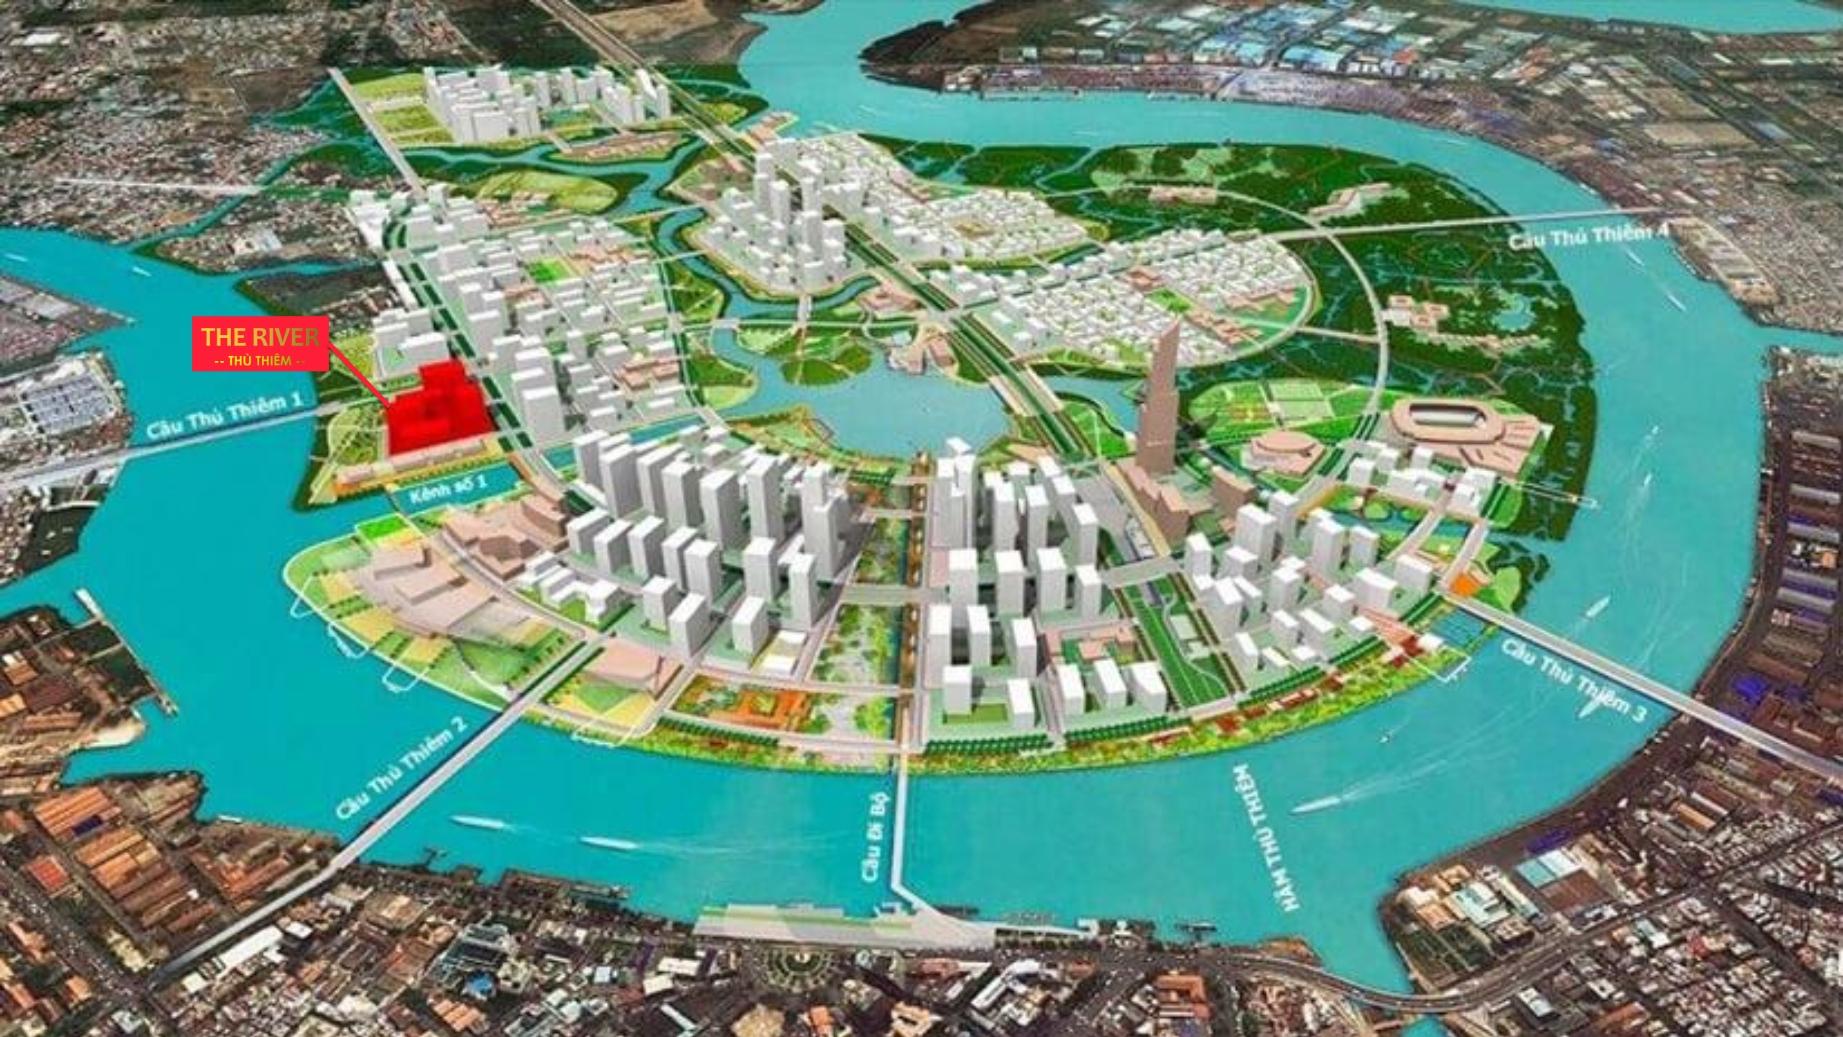 建案介绍-The River Thu Thiem Project - English_004